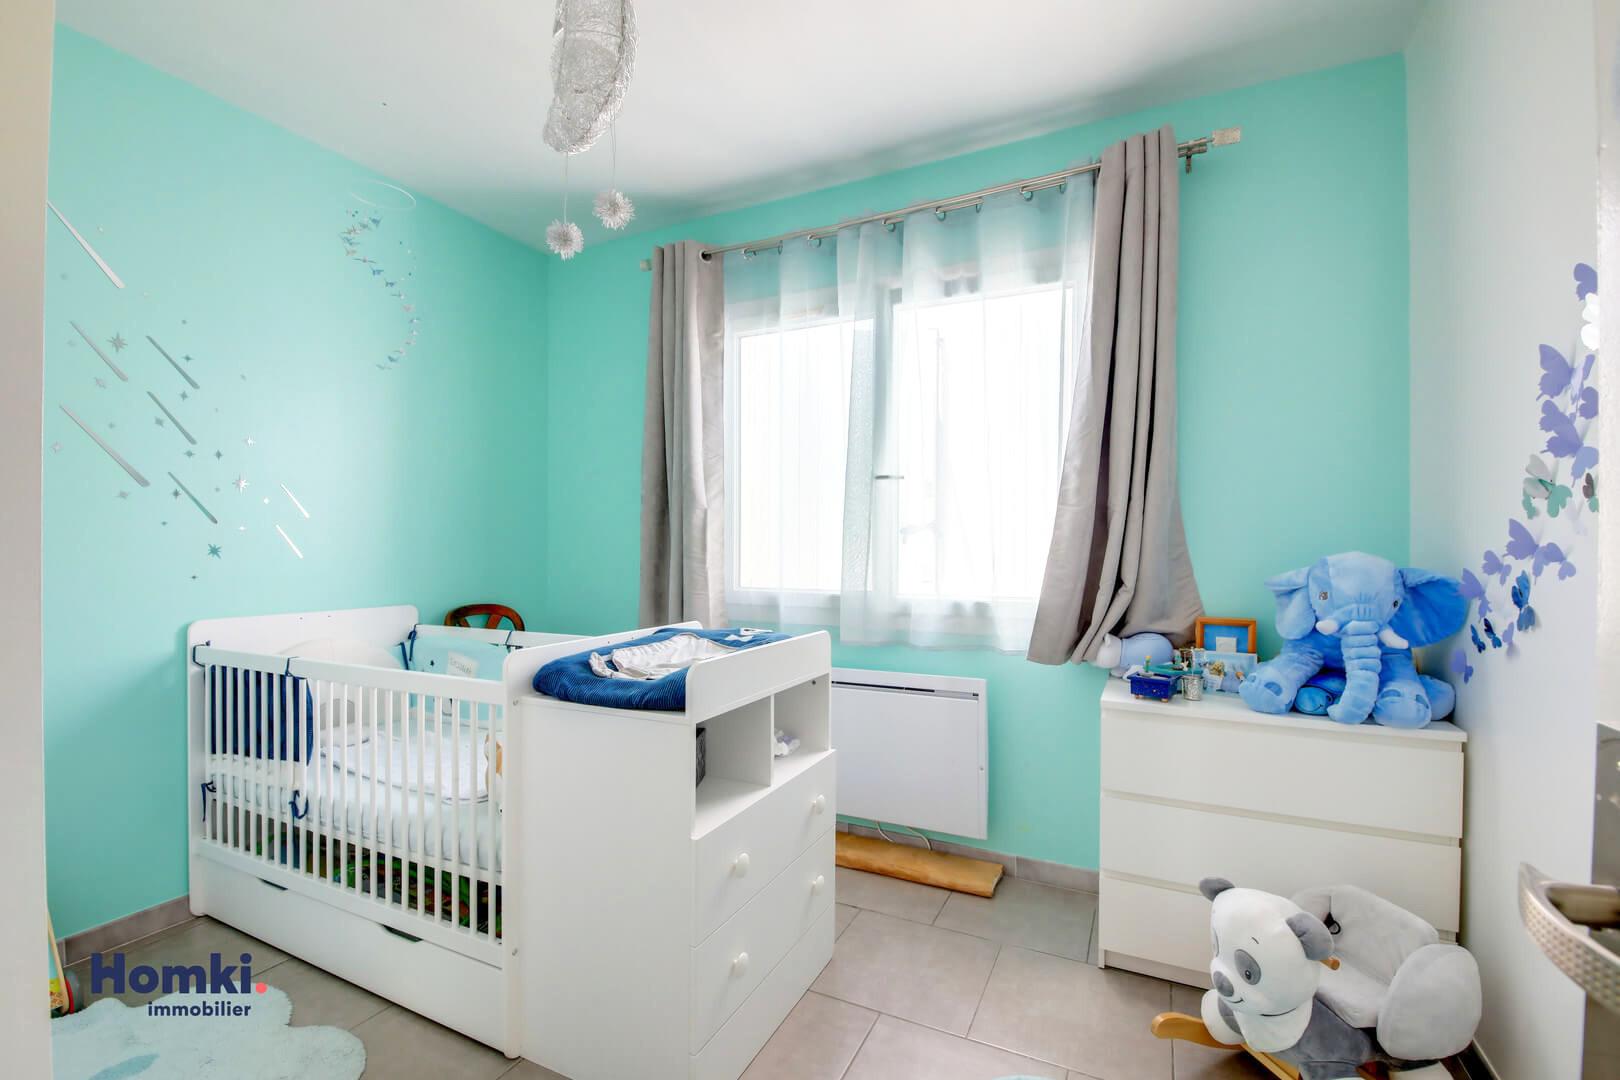 Vente Appartement 58 m² T3 13011_8